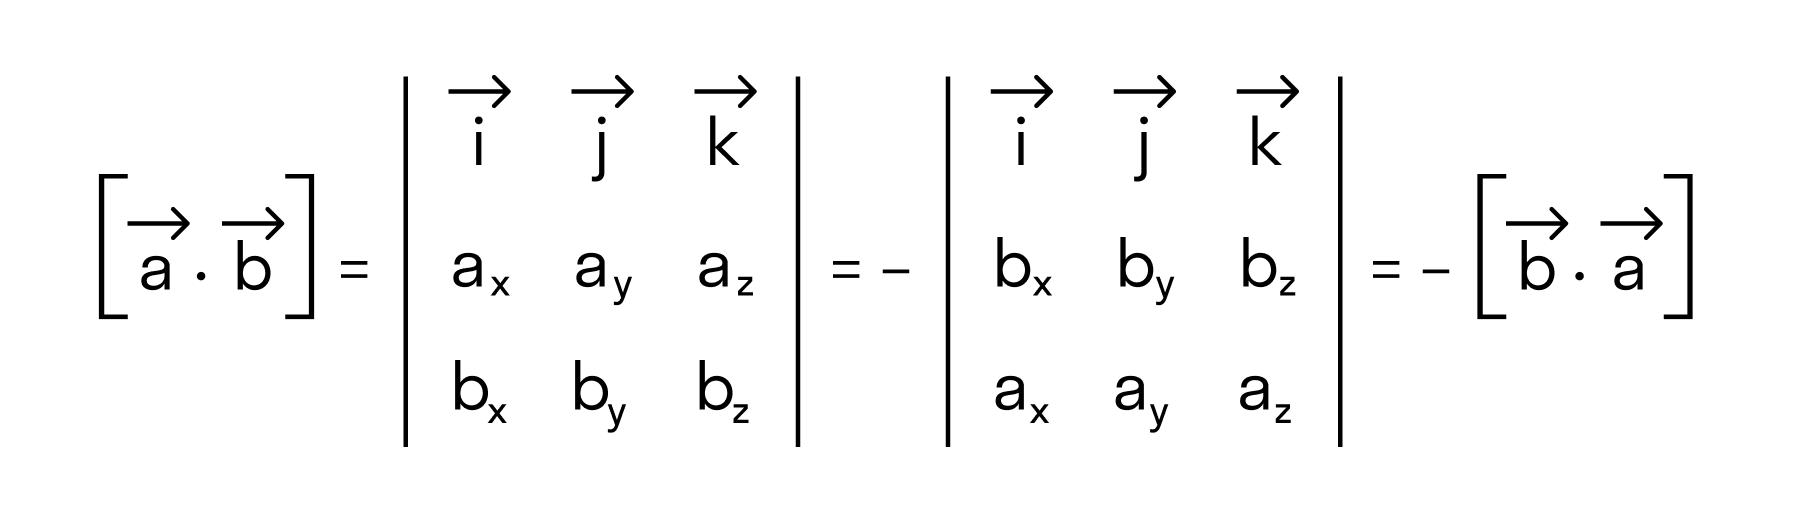 значение определителя матрицы изменяется на противоположное, если переставить местами две строки